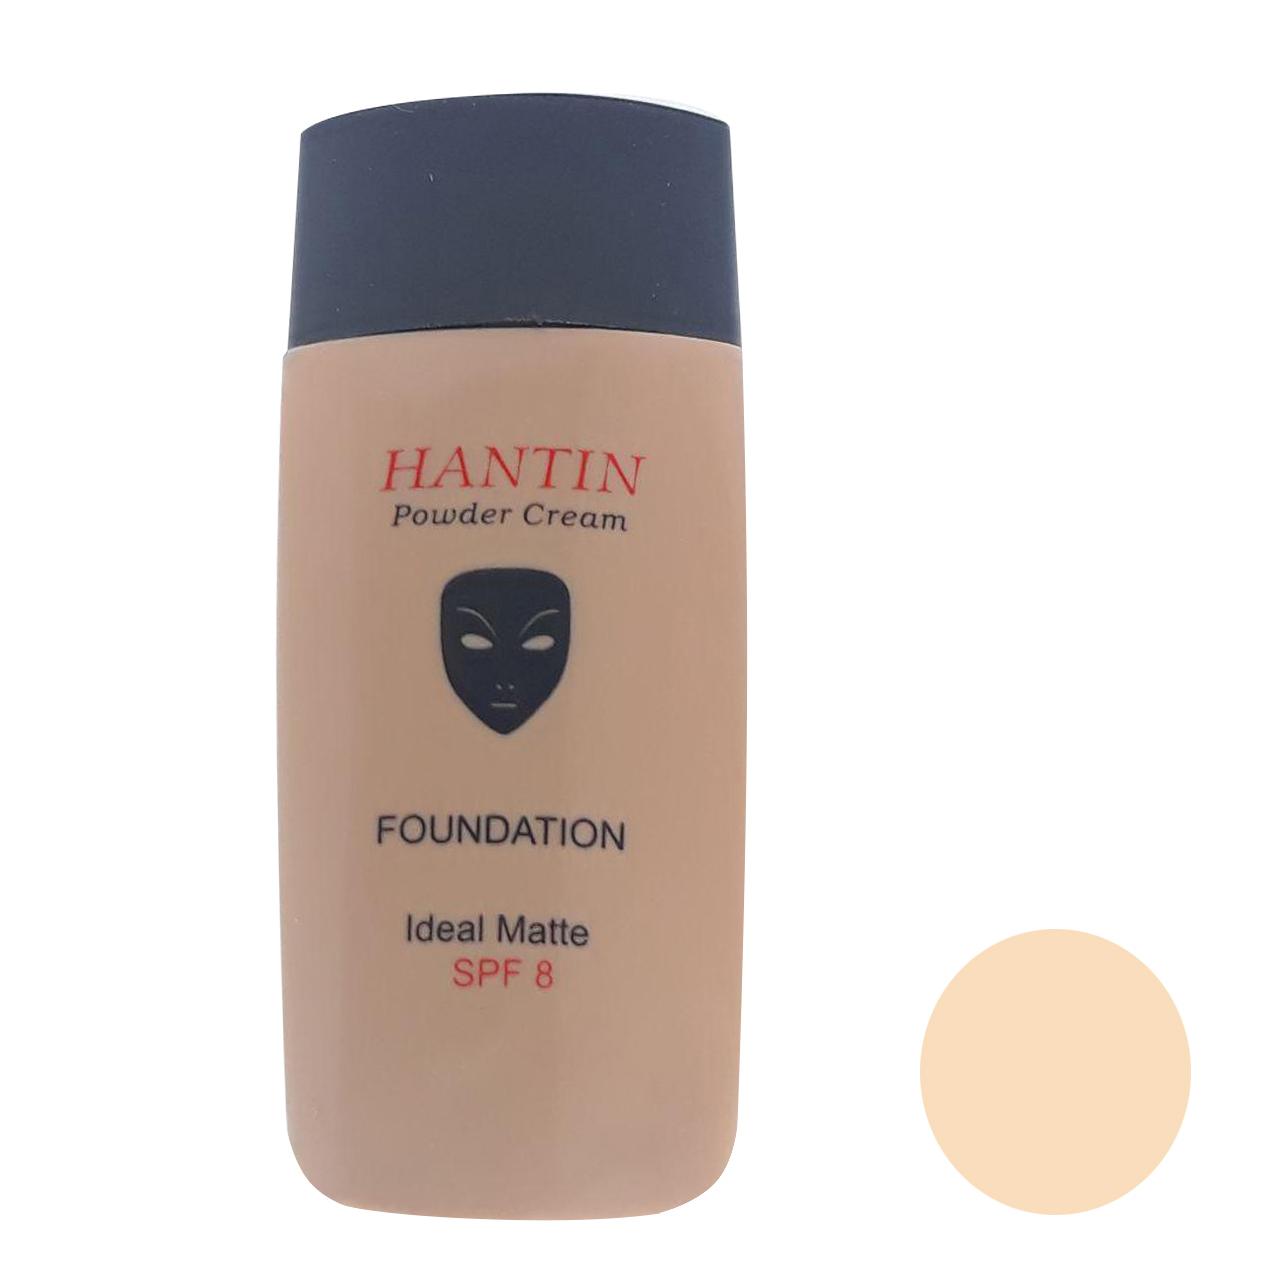 قیمت کرم پودر هانتین مدل Powder Cream شماره H 131